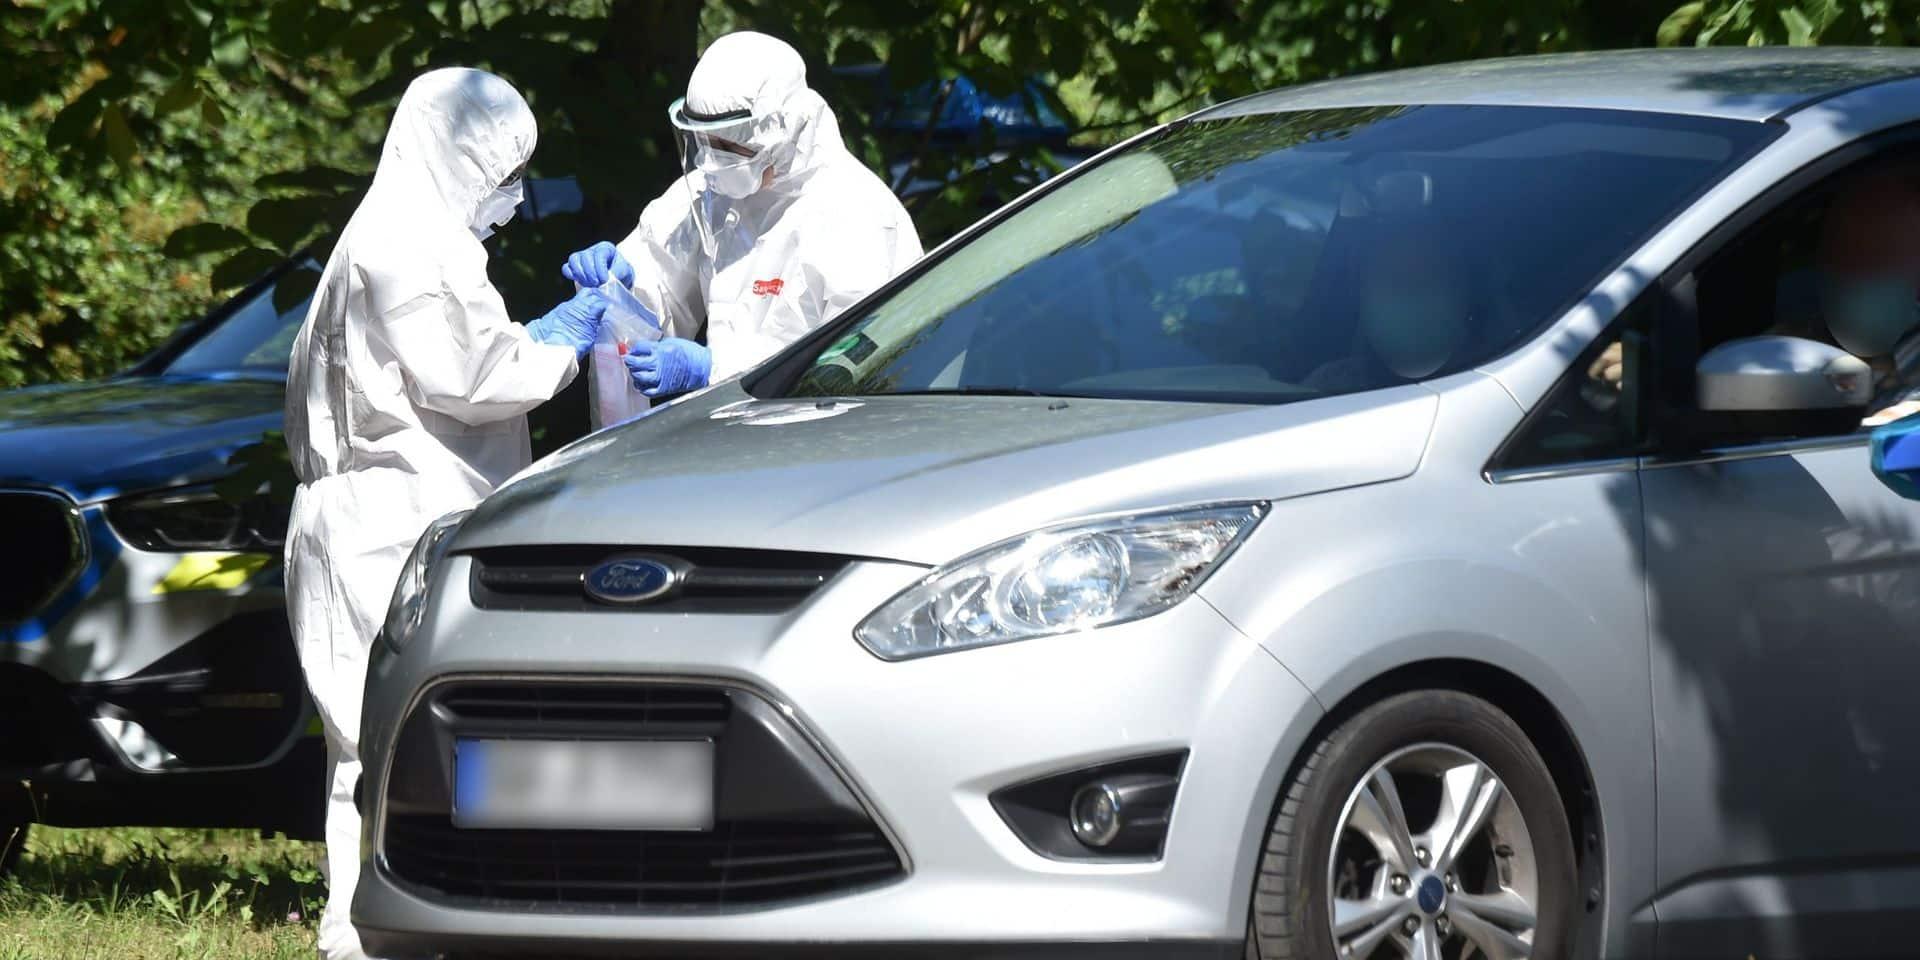 """Coronavirus: l'augmentation des cas en Allemagne source de """"grandes inquiétudes"""""""